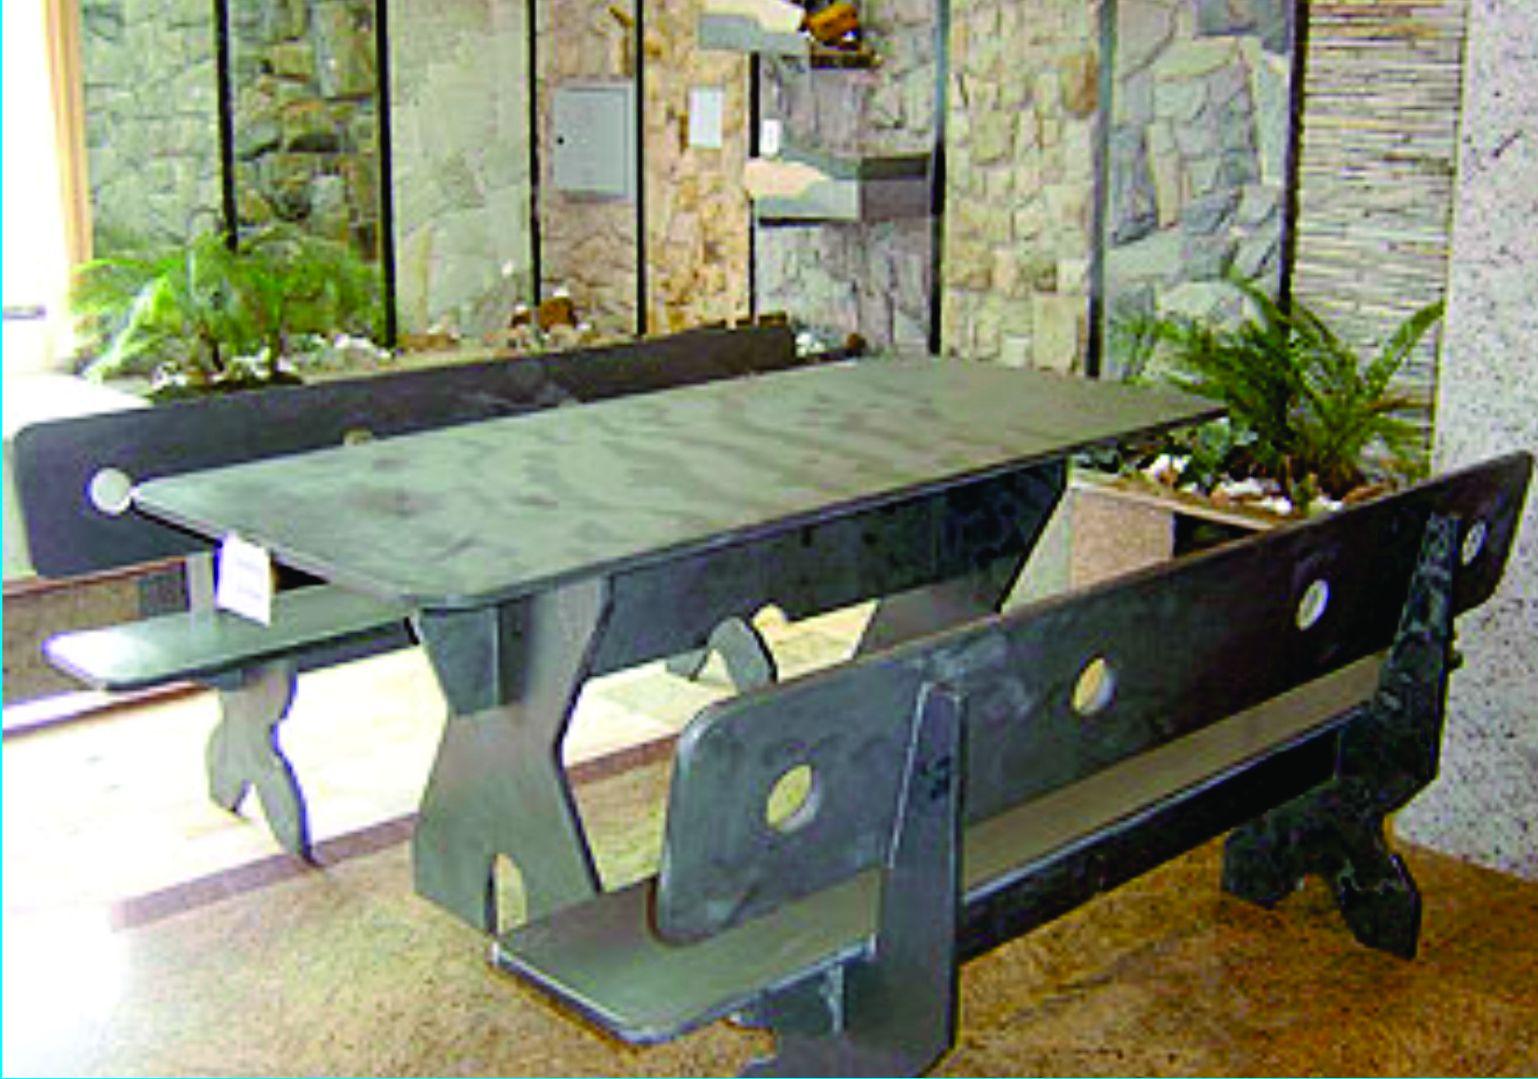 banco de jardim ardosia : banco de jardim ardosia: para revestimentos de parede jardinagem e mesas e bancos